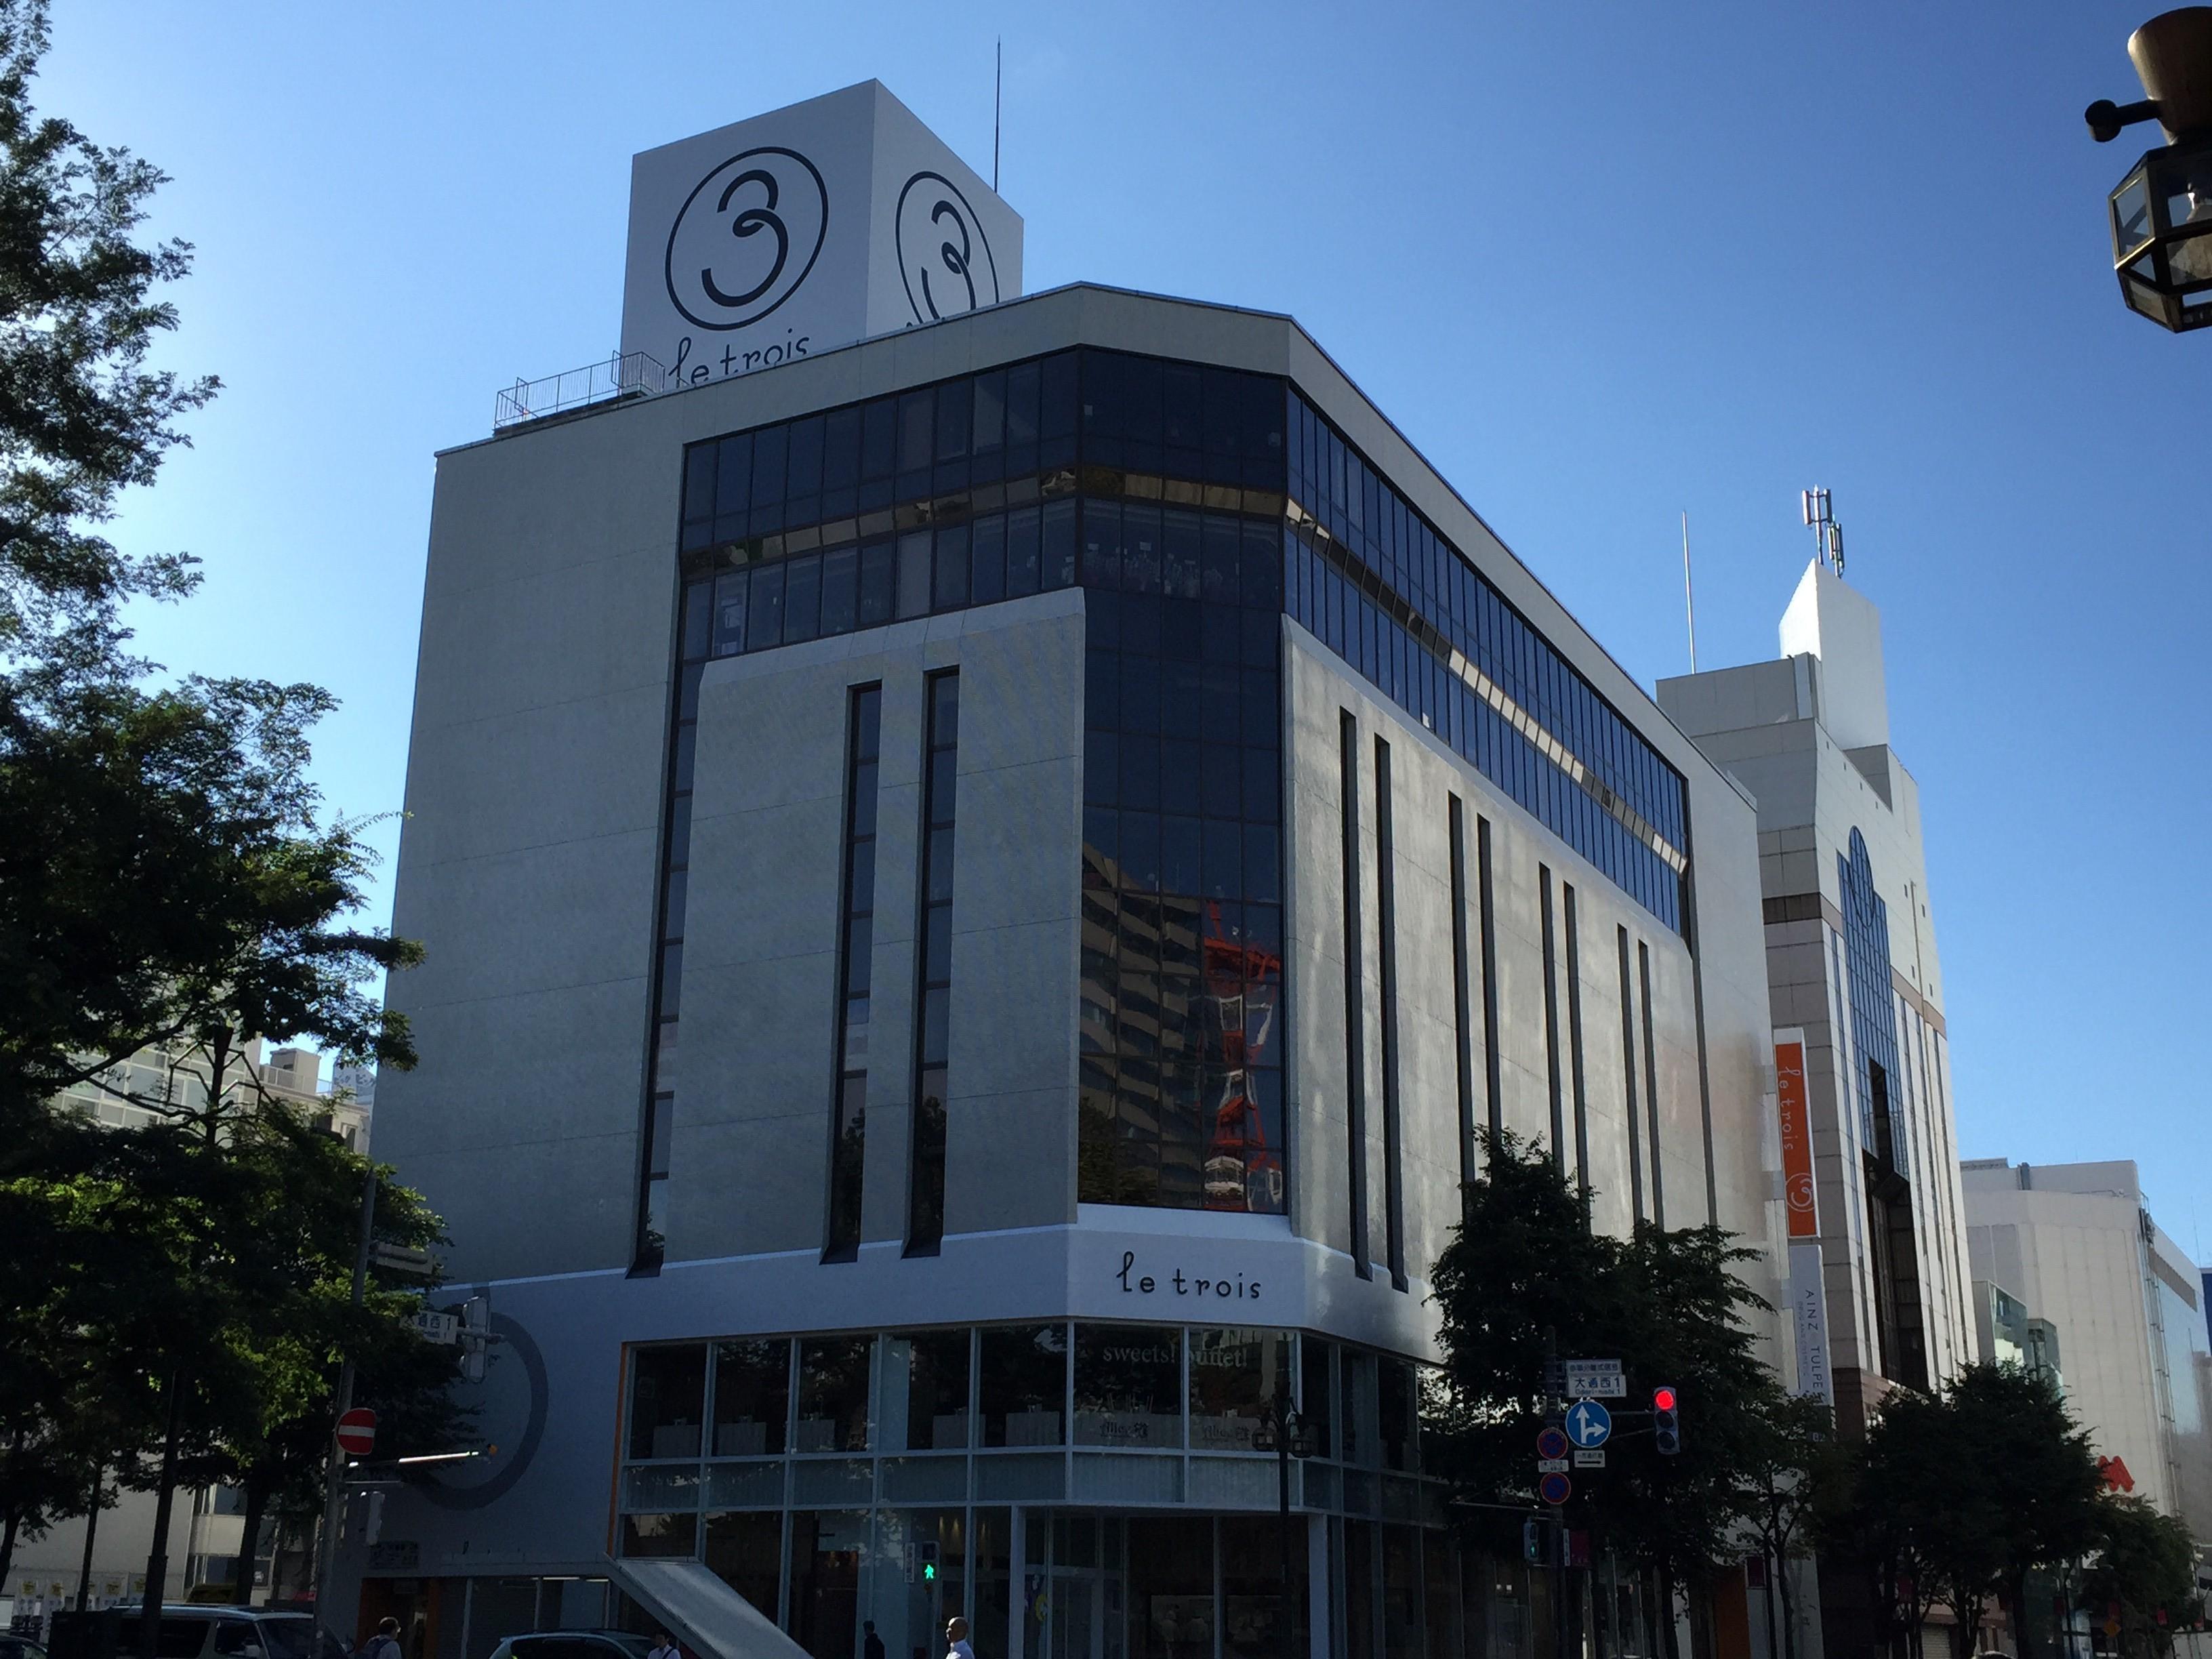 ③ ル・トロワ 2015年9月12日(土) 札幌大通に開業!